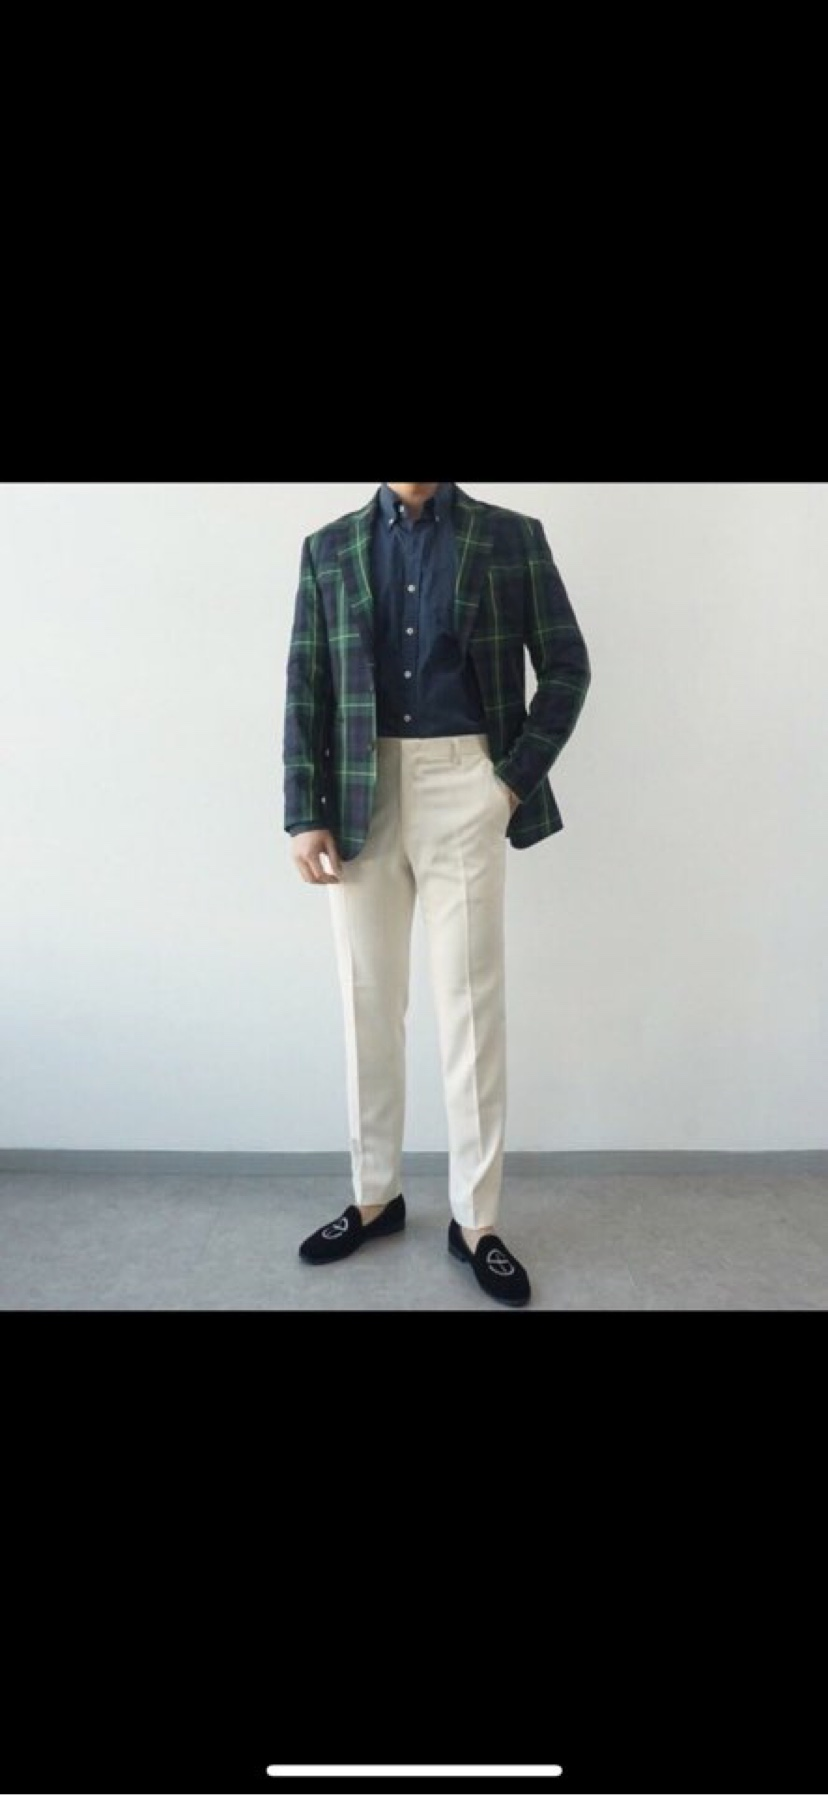 Dongdaemun của Hàn Quốc mùa xuân mới thẳng 9 điểm phù hợp với quần âu nam kiểu quần oppa - Suit phù hợp